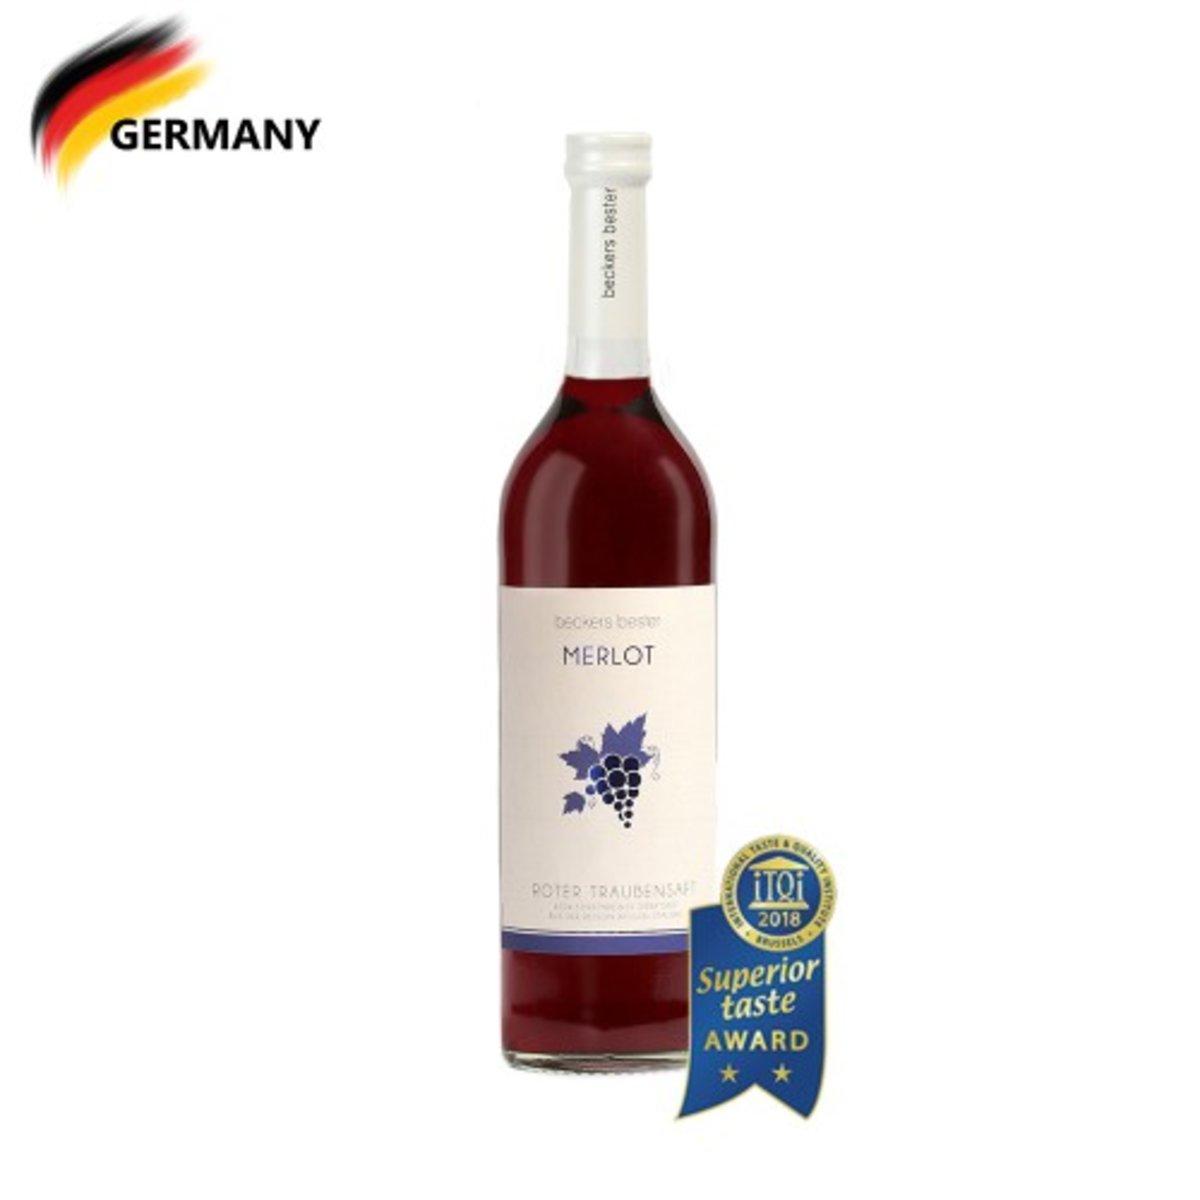 精選意大利梅洛紅葡萄汁 Merlot - Red Grape Juice 700ml